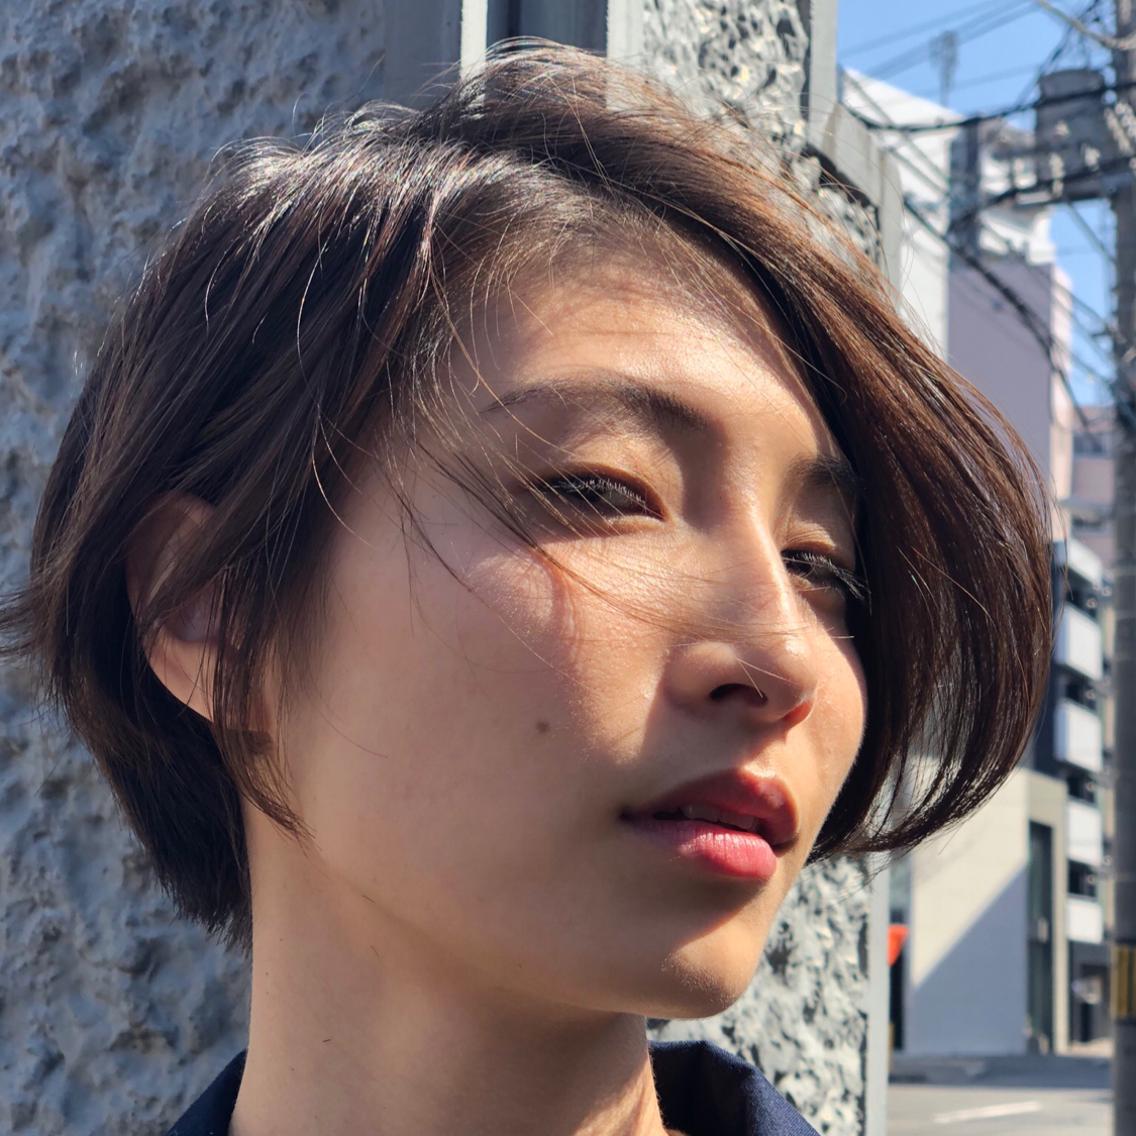 2017年最優秀デザイナーズ賞受賞サロン!メイクモデル 、撮影モデル募集